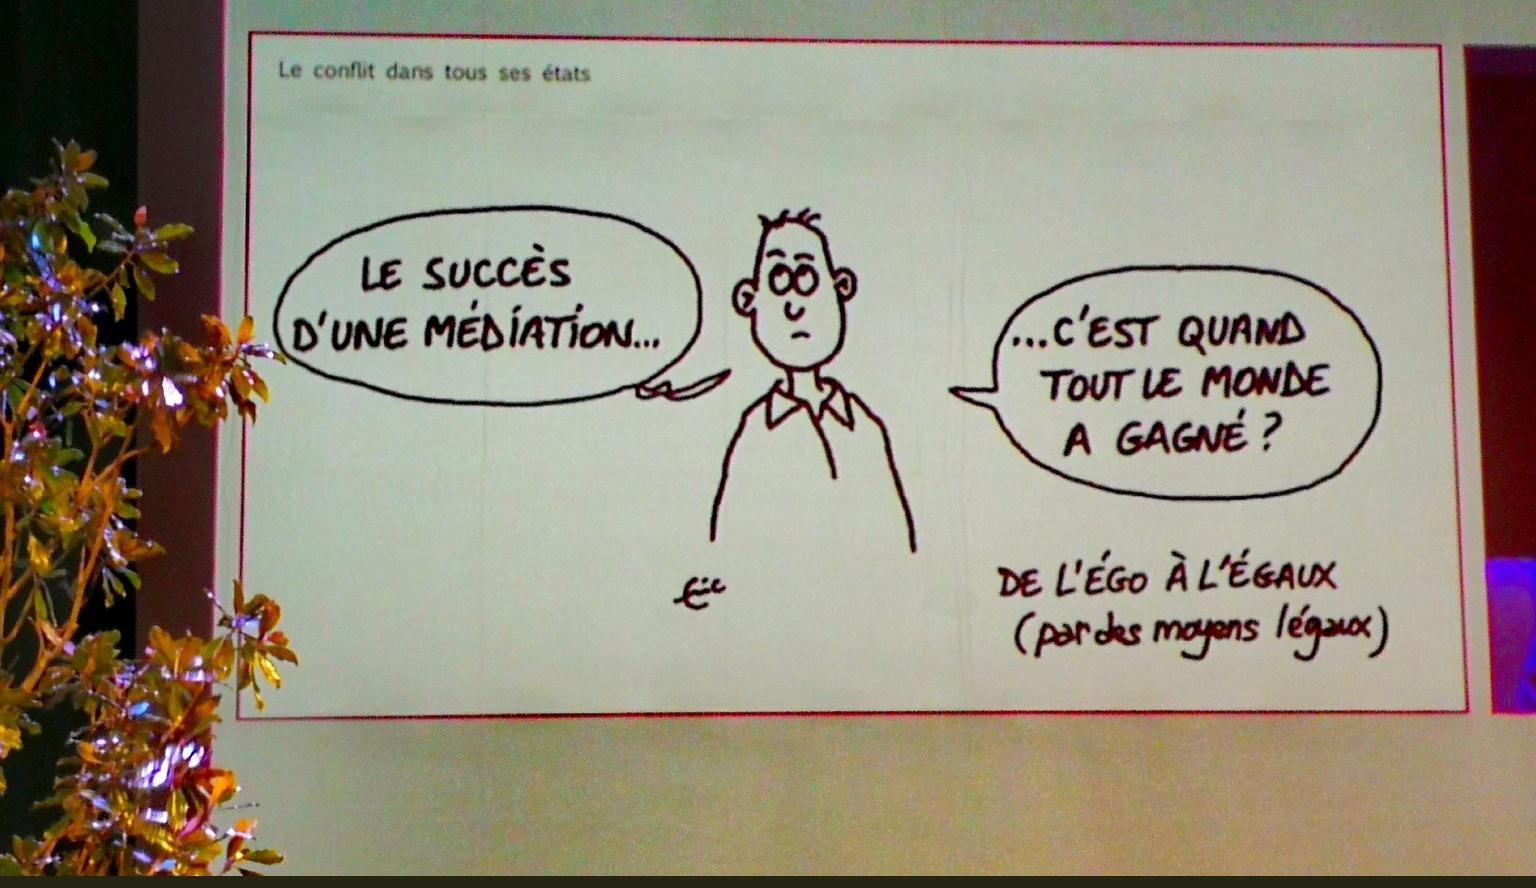 Congrès International de la Médiation, Angers 2020, Illustration de Eric Grelet.